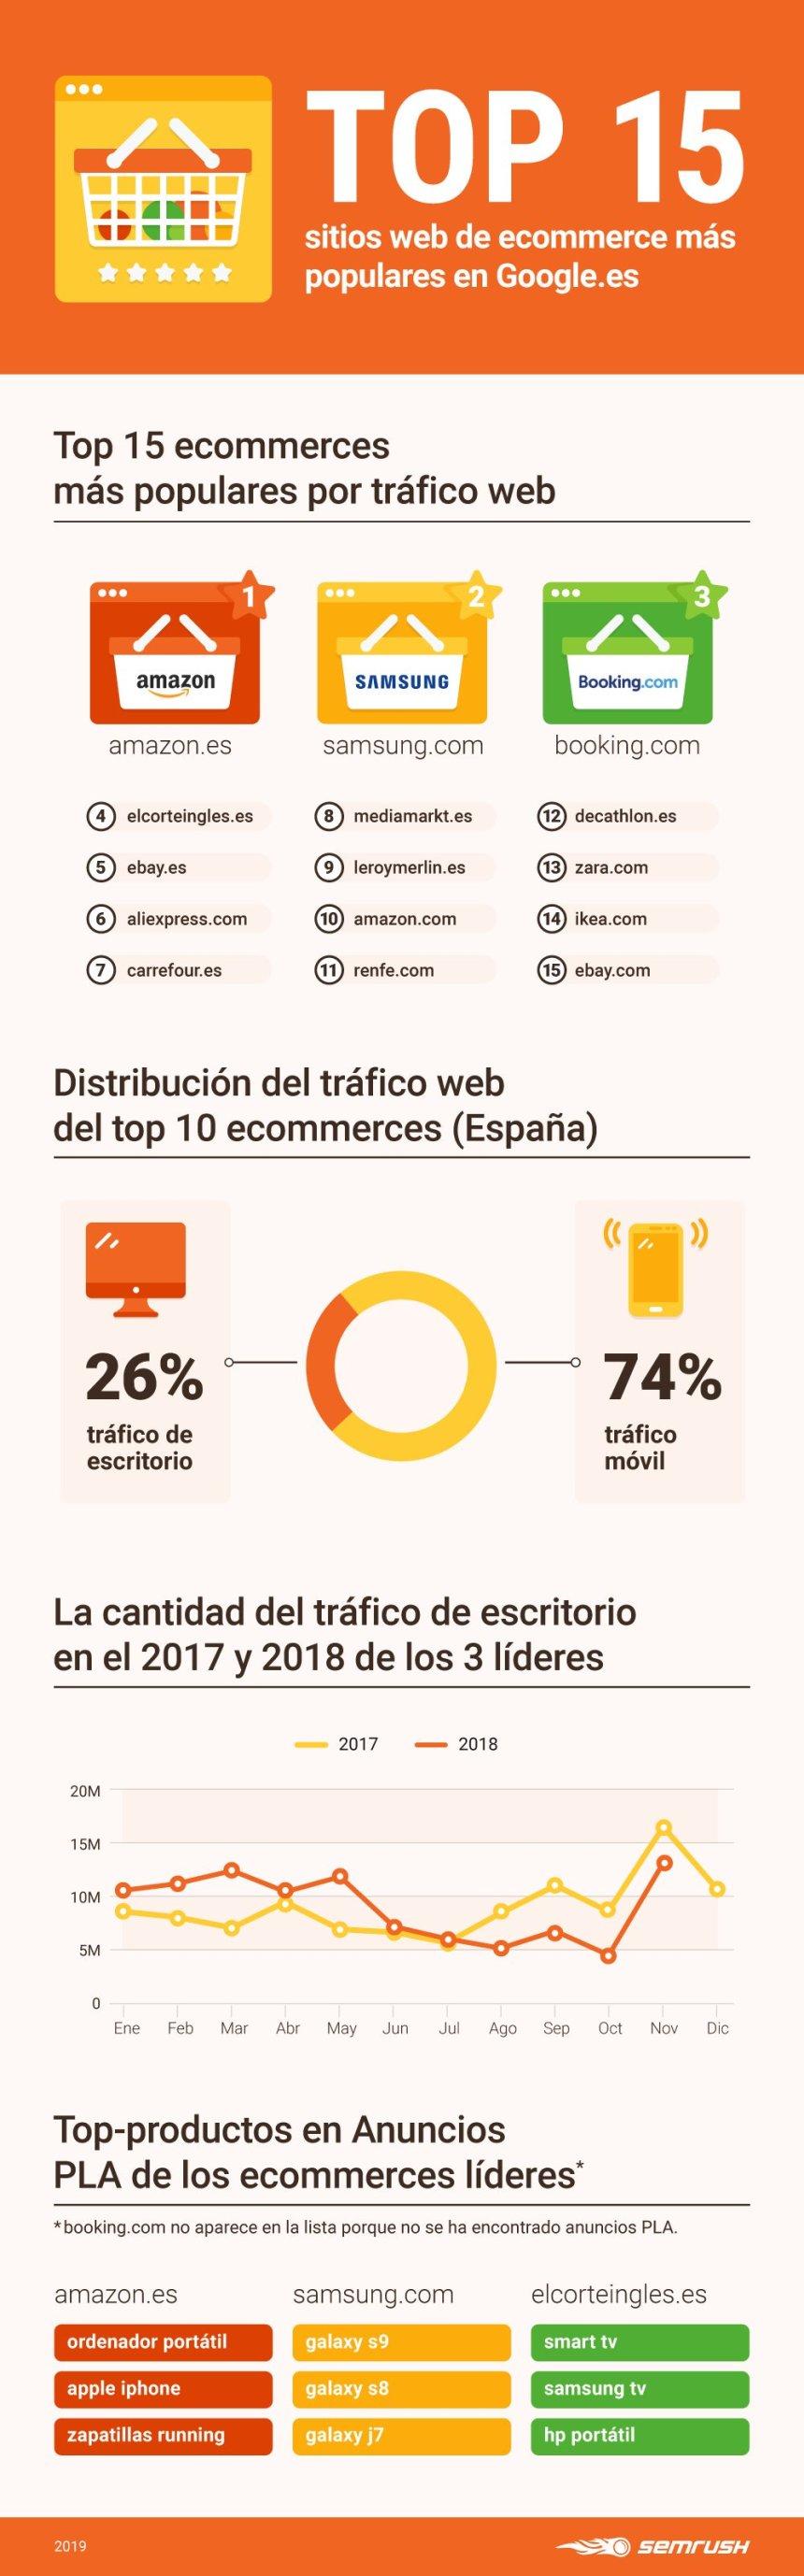 Top 15 sitios de Comercio Electrónico en España